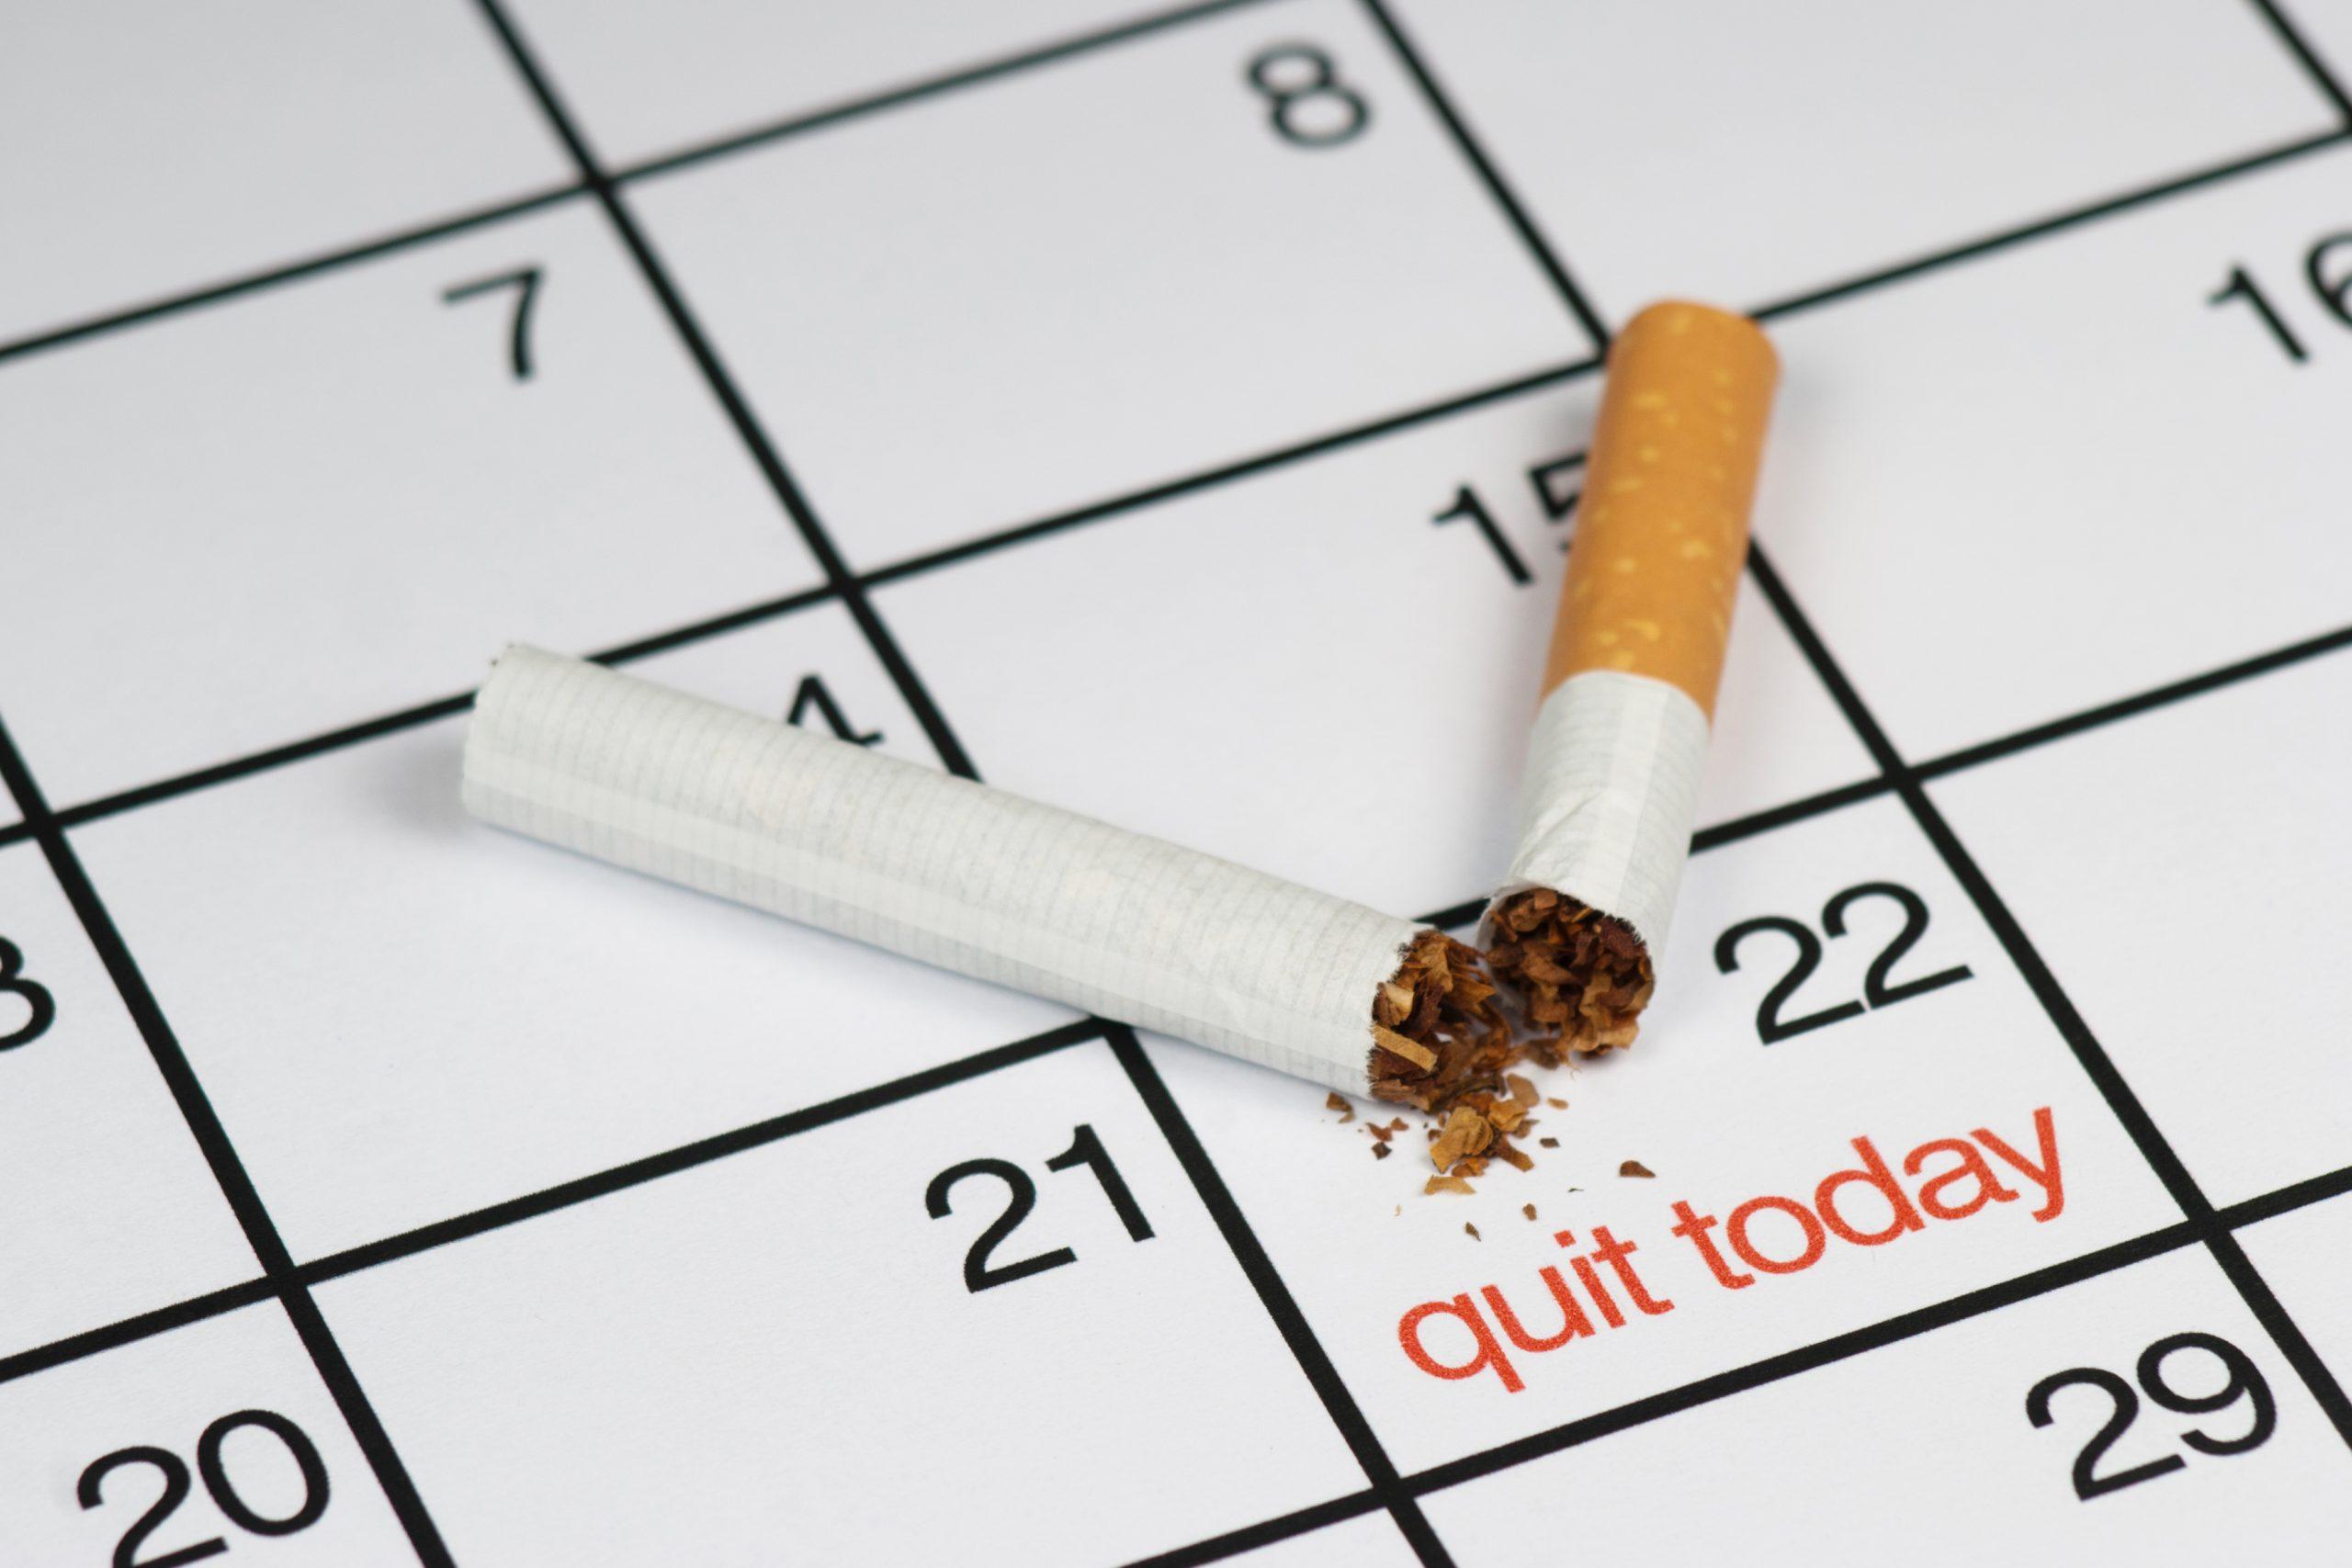 Διακοπή Καπνίσματος: Πώς να προετοιμαστείτε κατάλληλα για να κόψετε το κάπνισμα [vid]